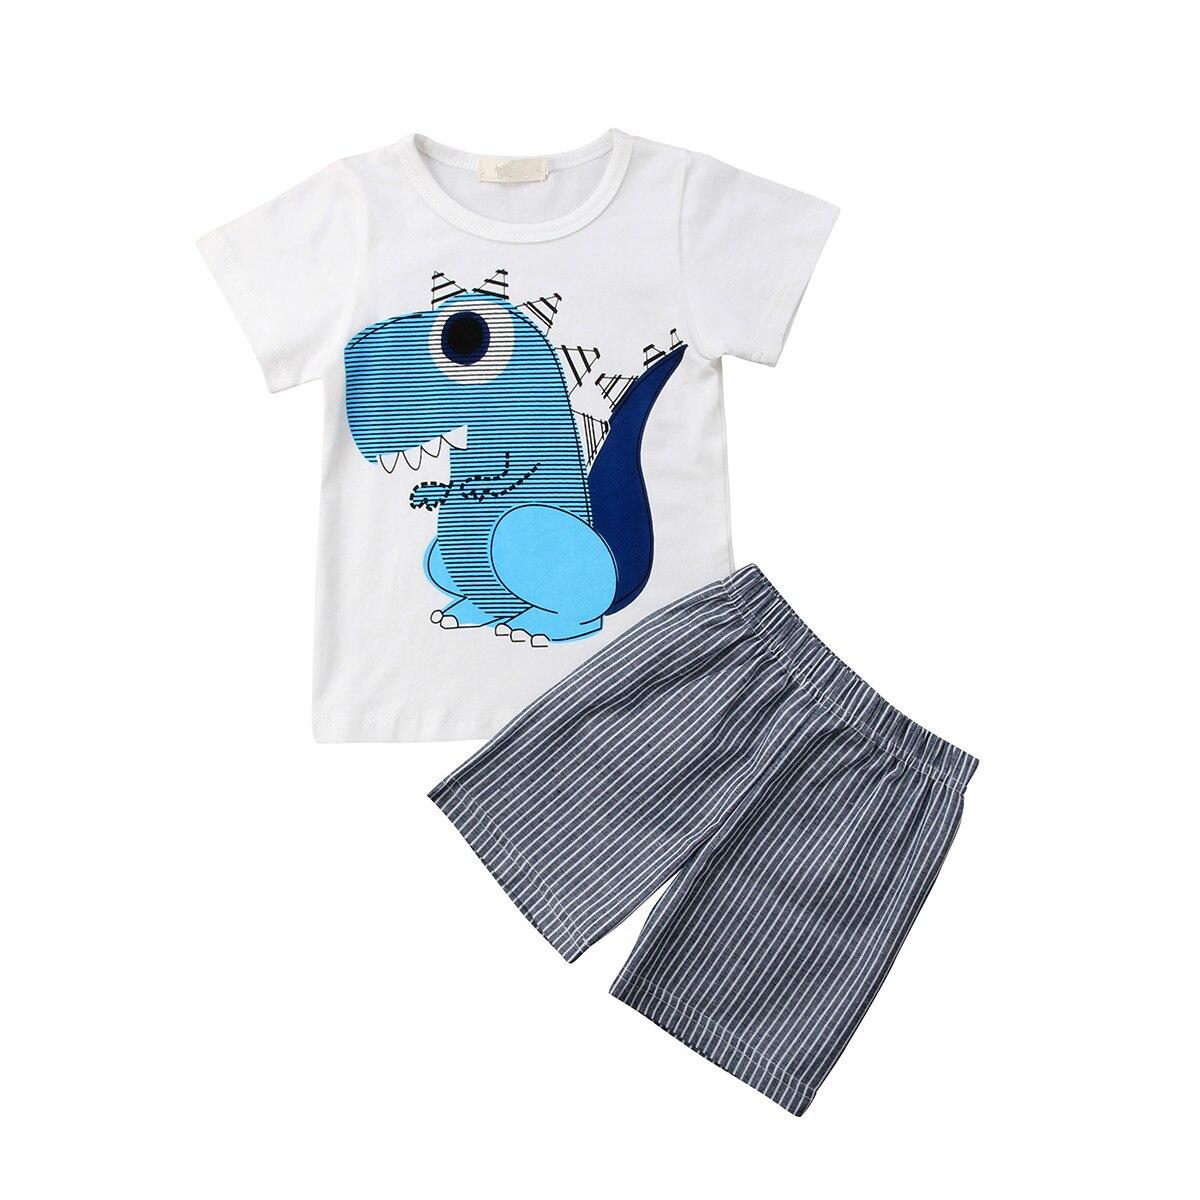 2 шт. детские мальчик милый динозавр короткий рукав Футболка + однотонные шорты летние хлопковые Повседневная одежда комплект